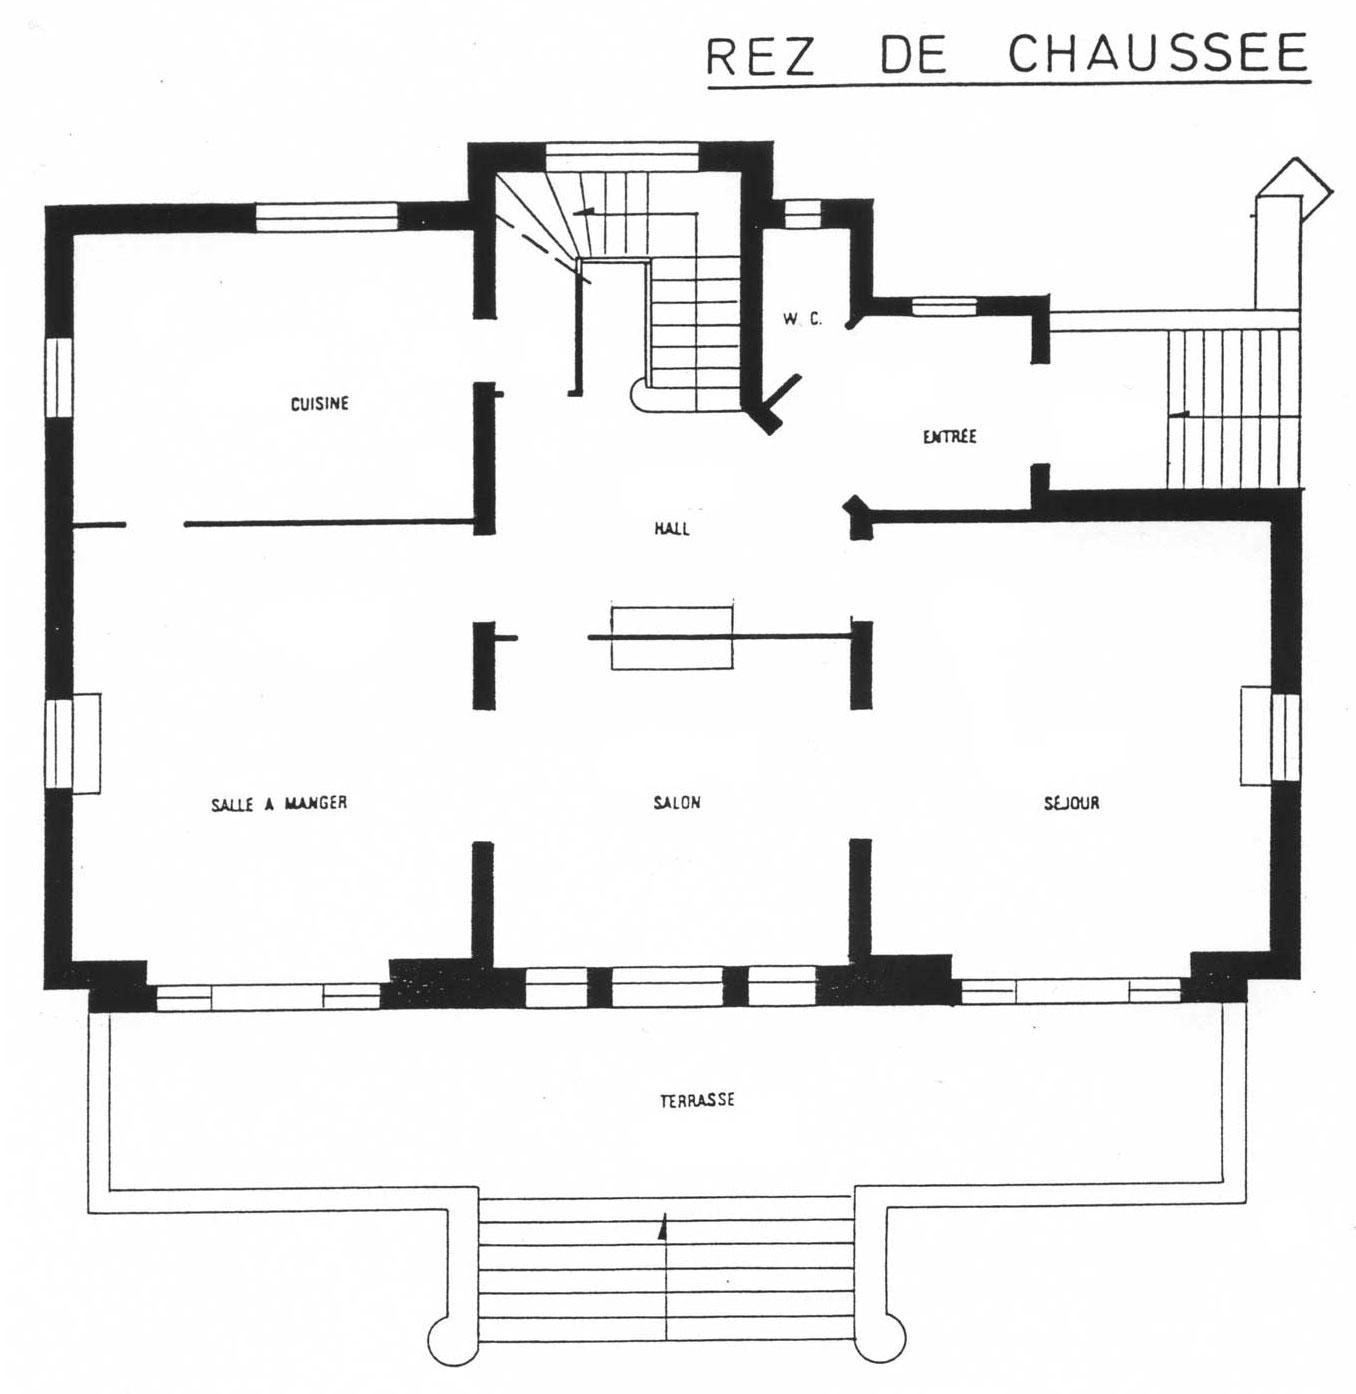 The Villa La Hublotiere